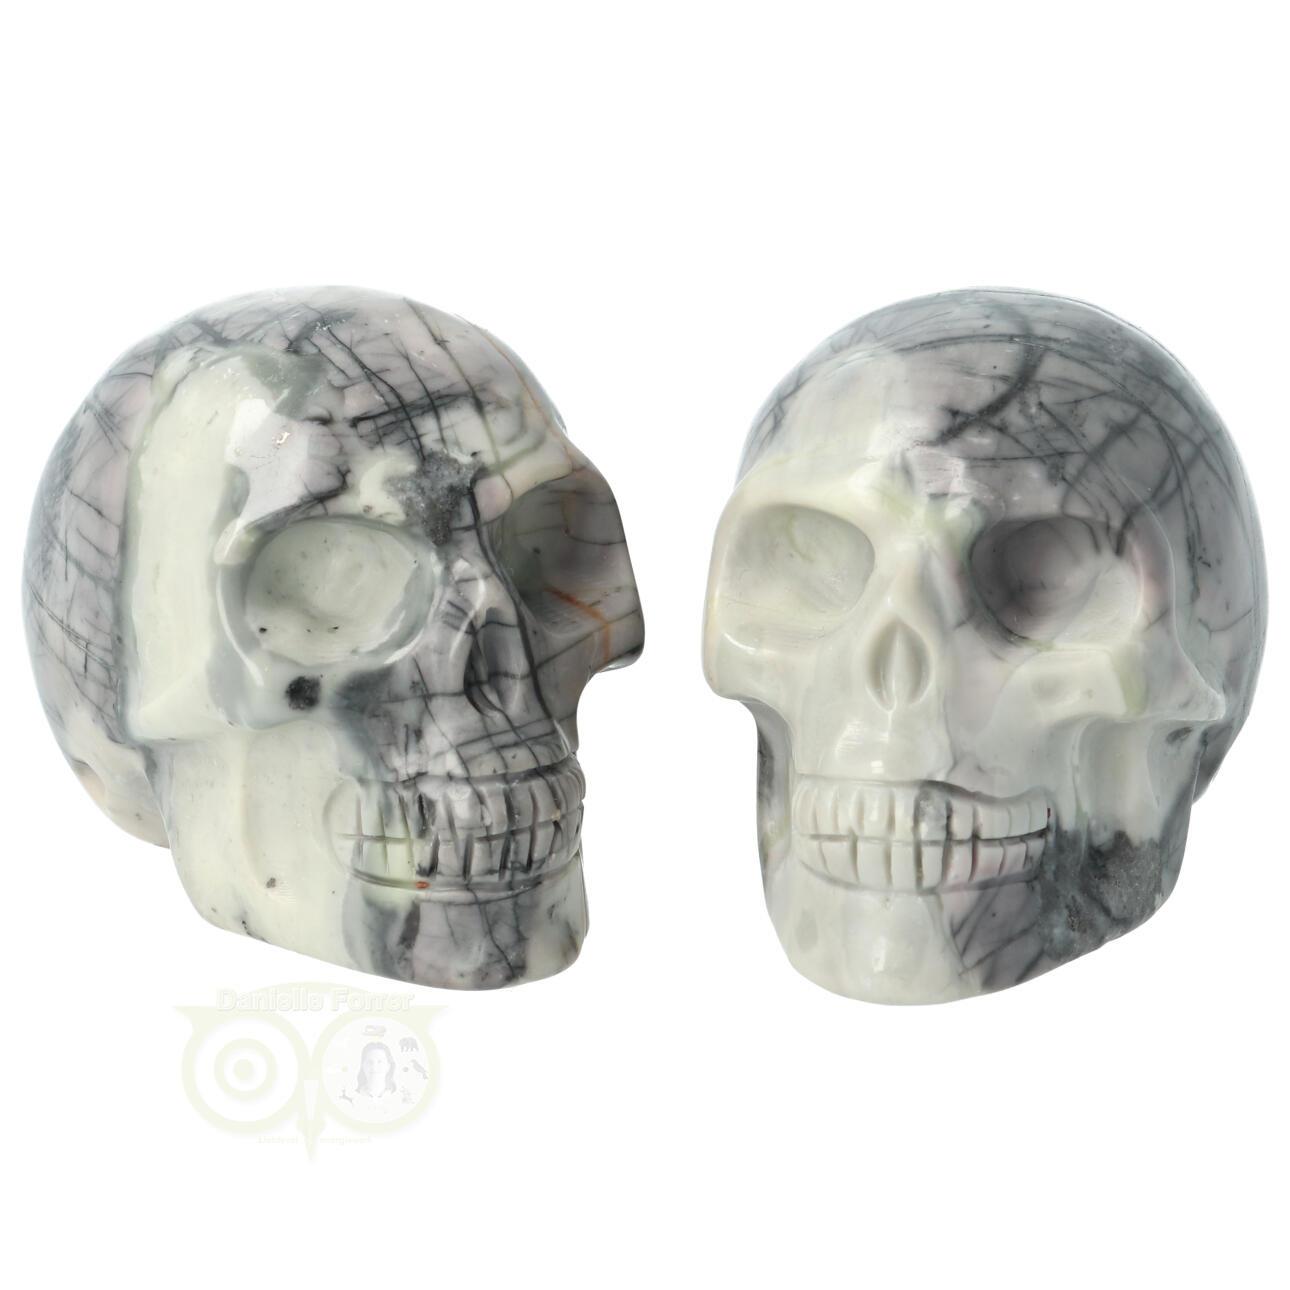 Picasso Jaspis kristallen schedel - Picasso Jaspis kleine schedels kopen | Edelstenen Webwinkel - Webshop Danielle Forrer